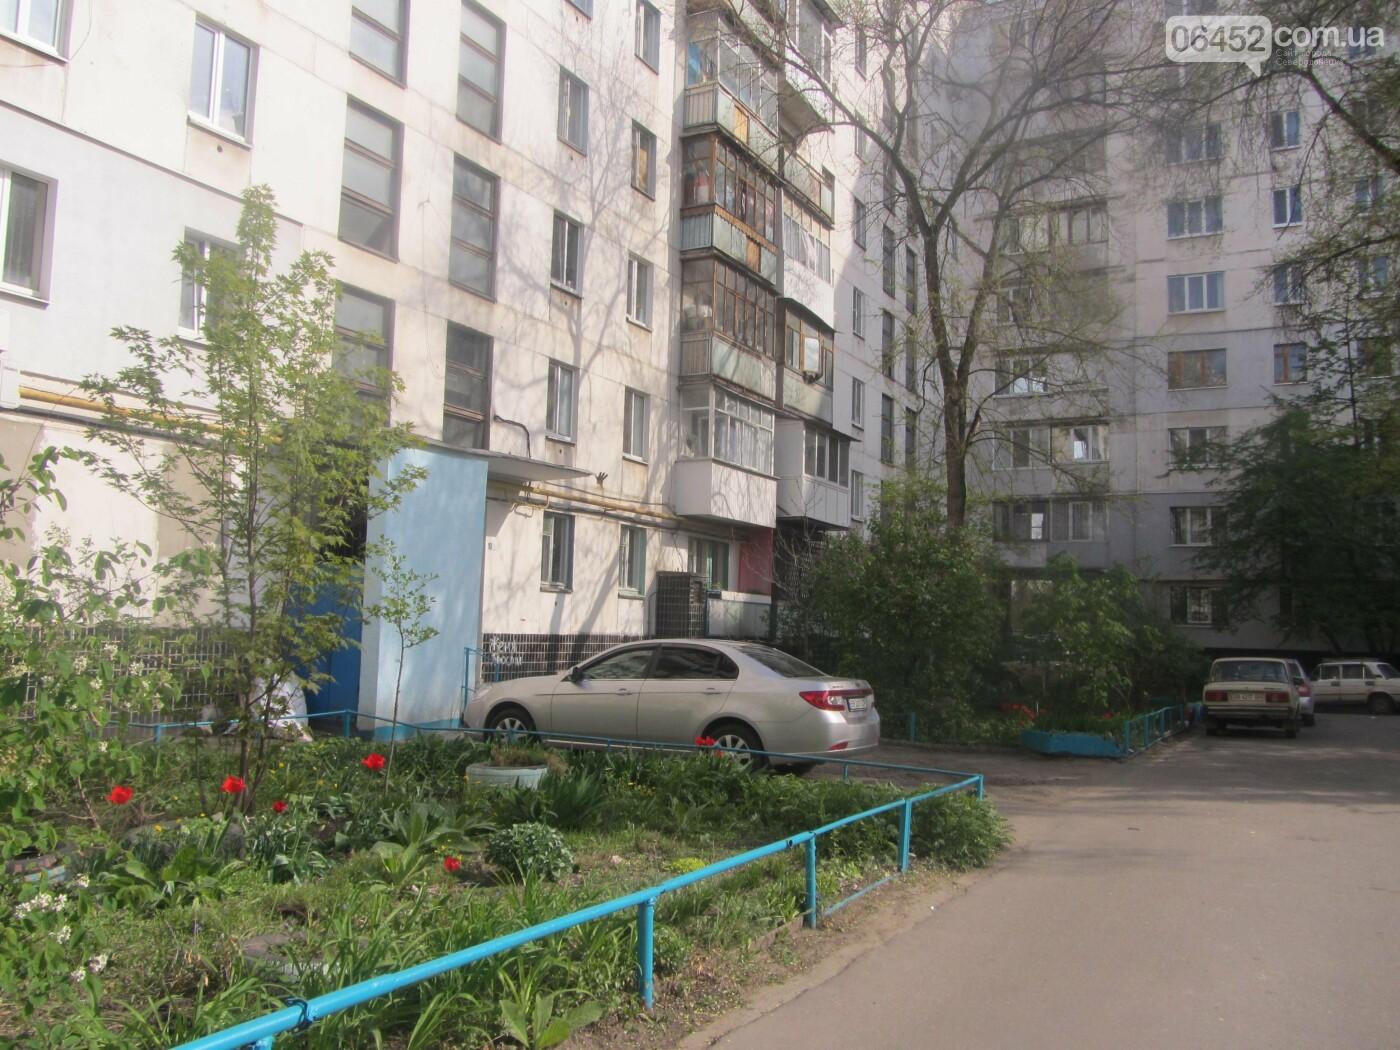 Дворы Северодонецка, в которых хочется жить, фото-32